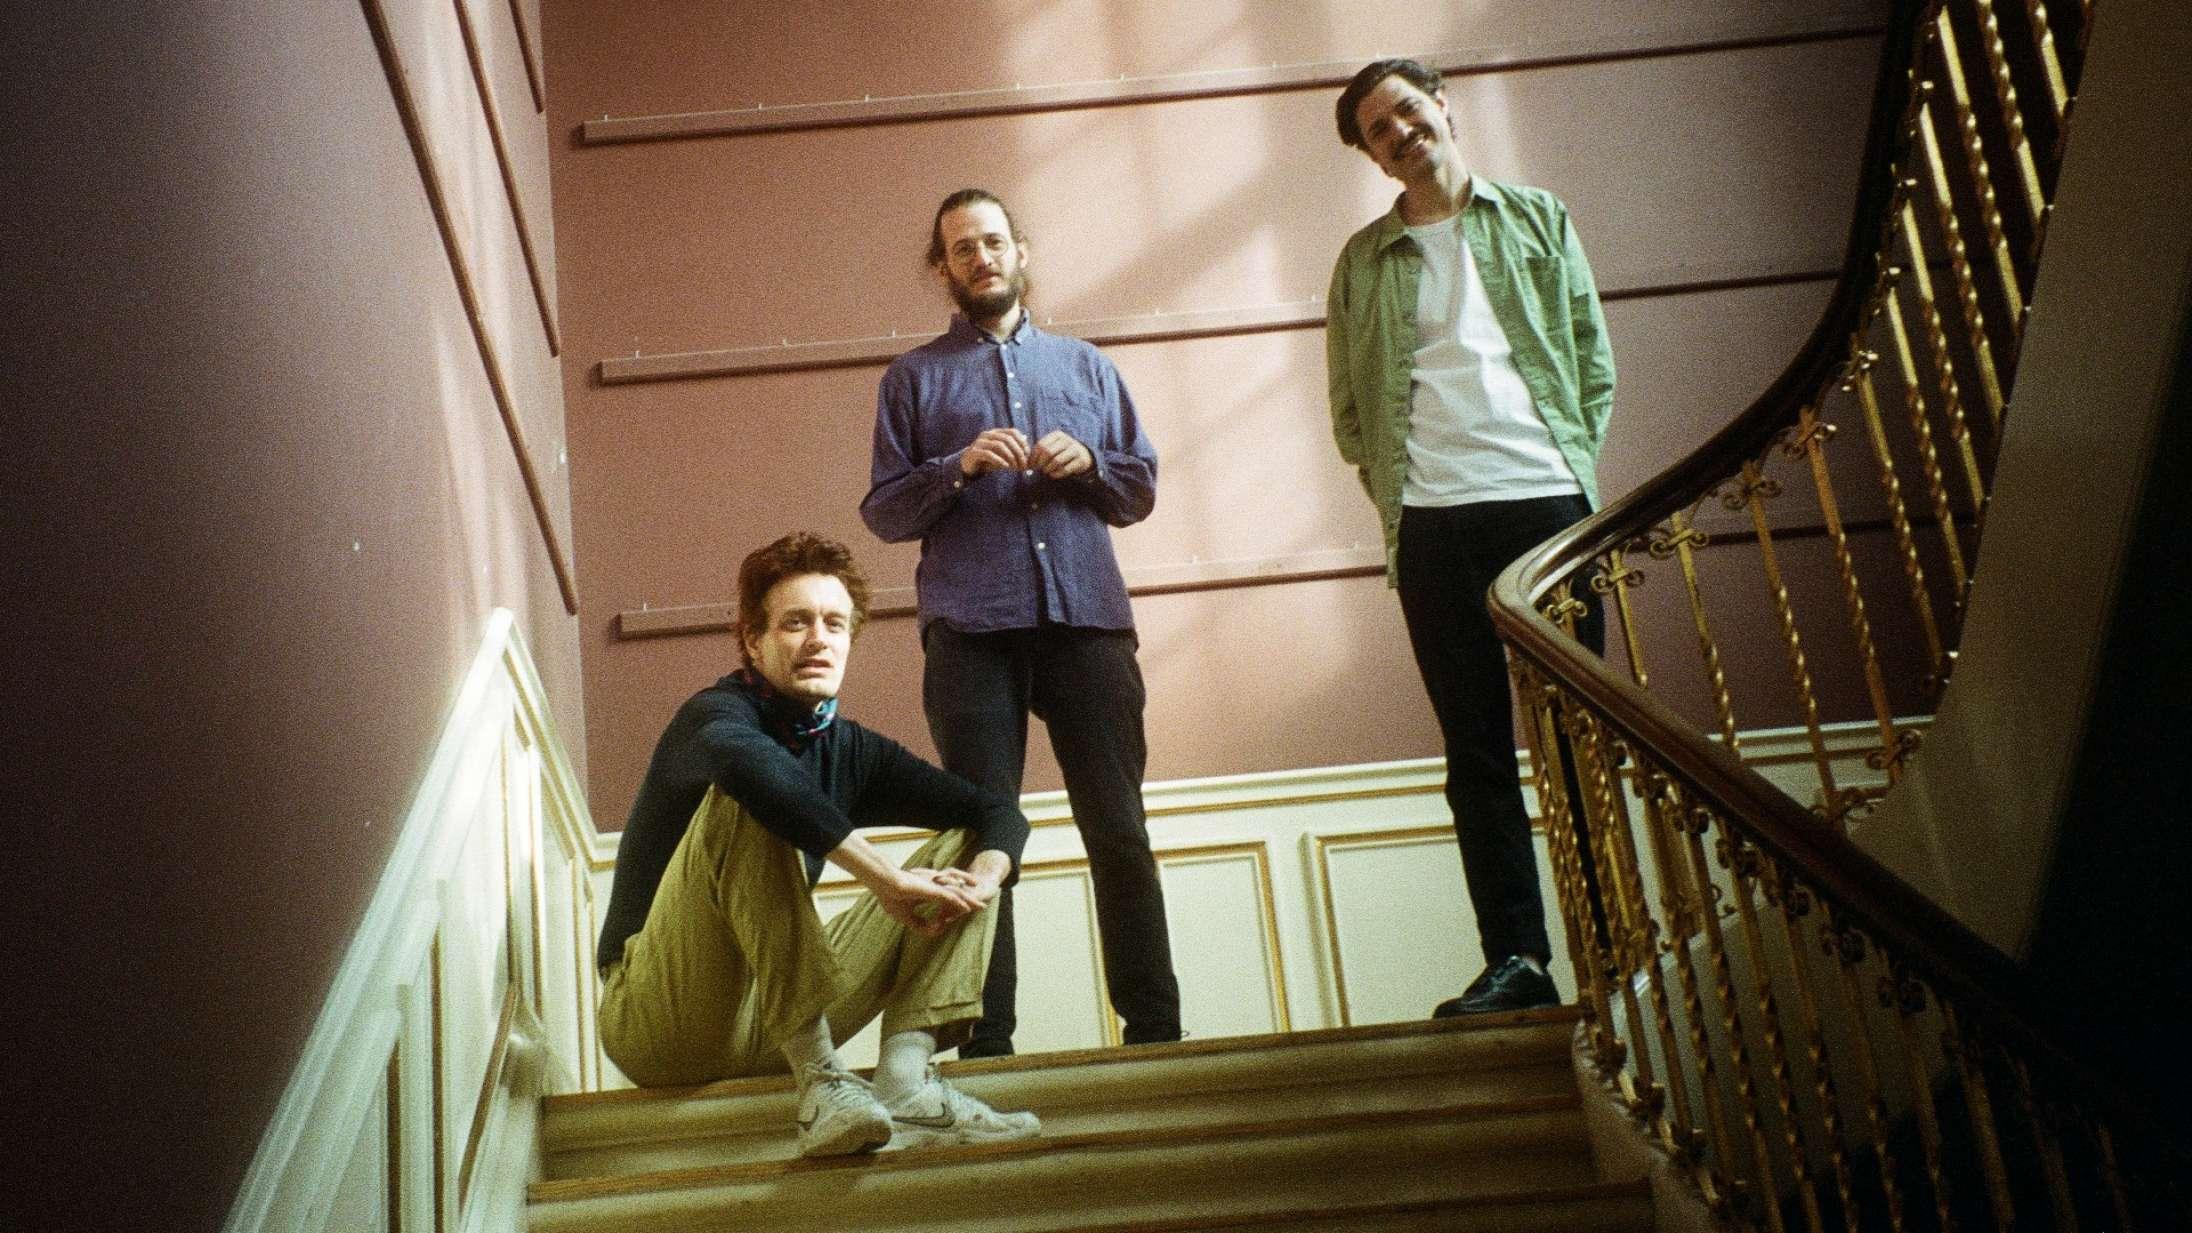 'Windflowers': Efterklangs nye album er som en varm dyne af tryghed, man kan gemme sig væk under